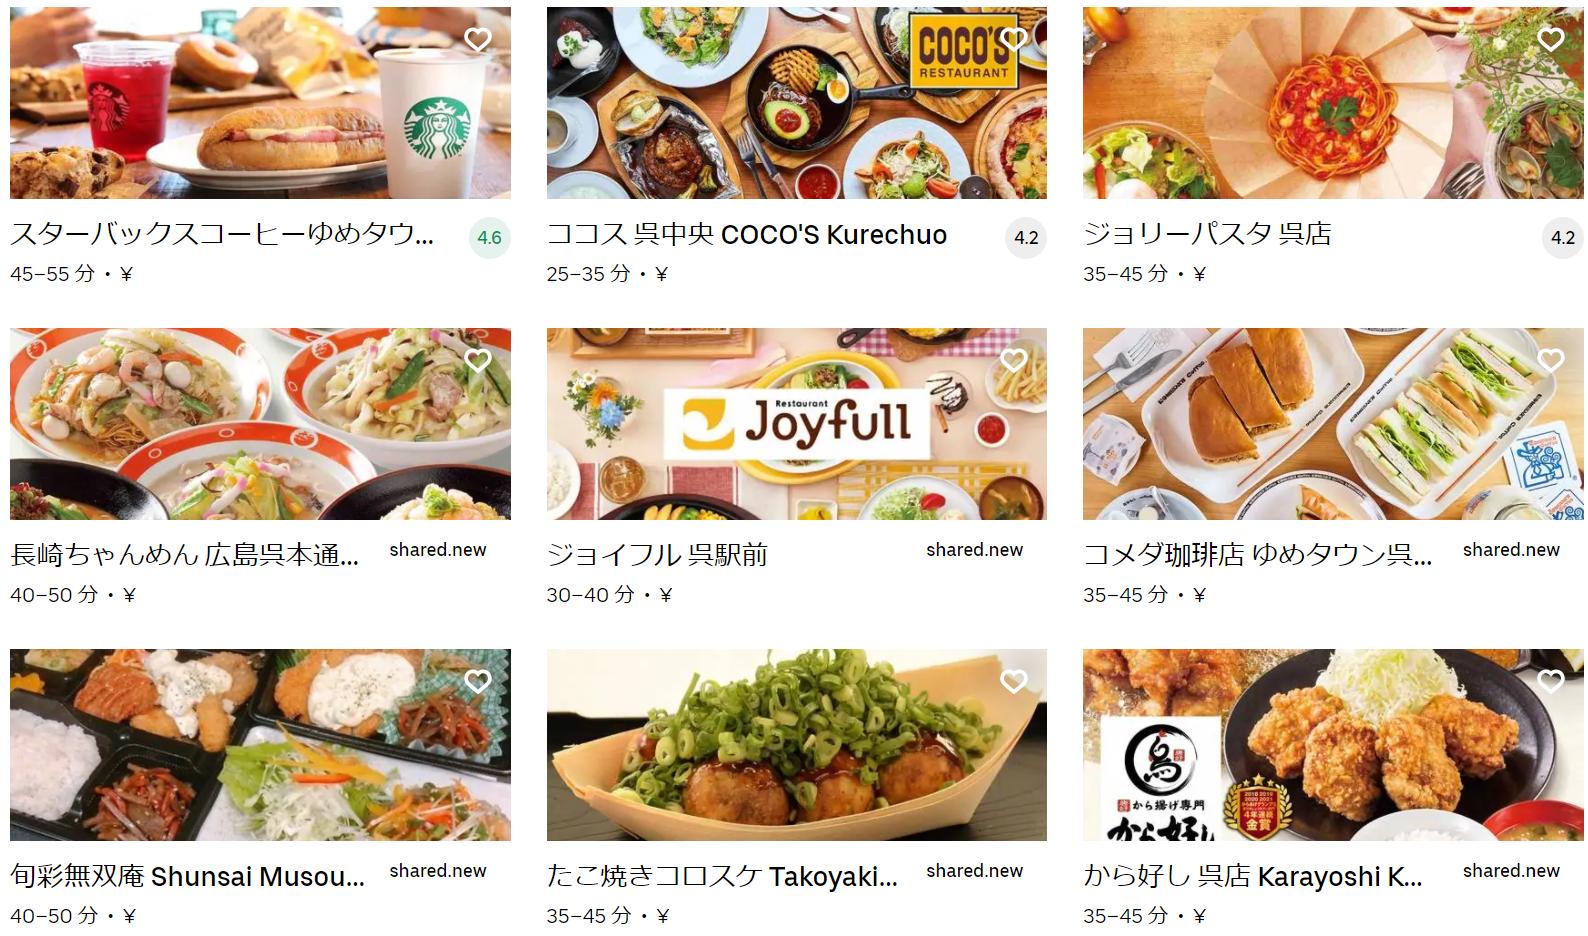 呉市エリアのUber Eats(ウーバーイーツ)メニュー